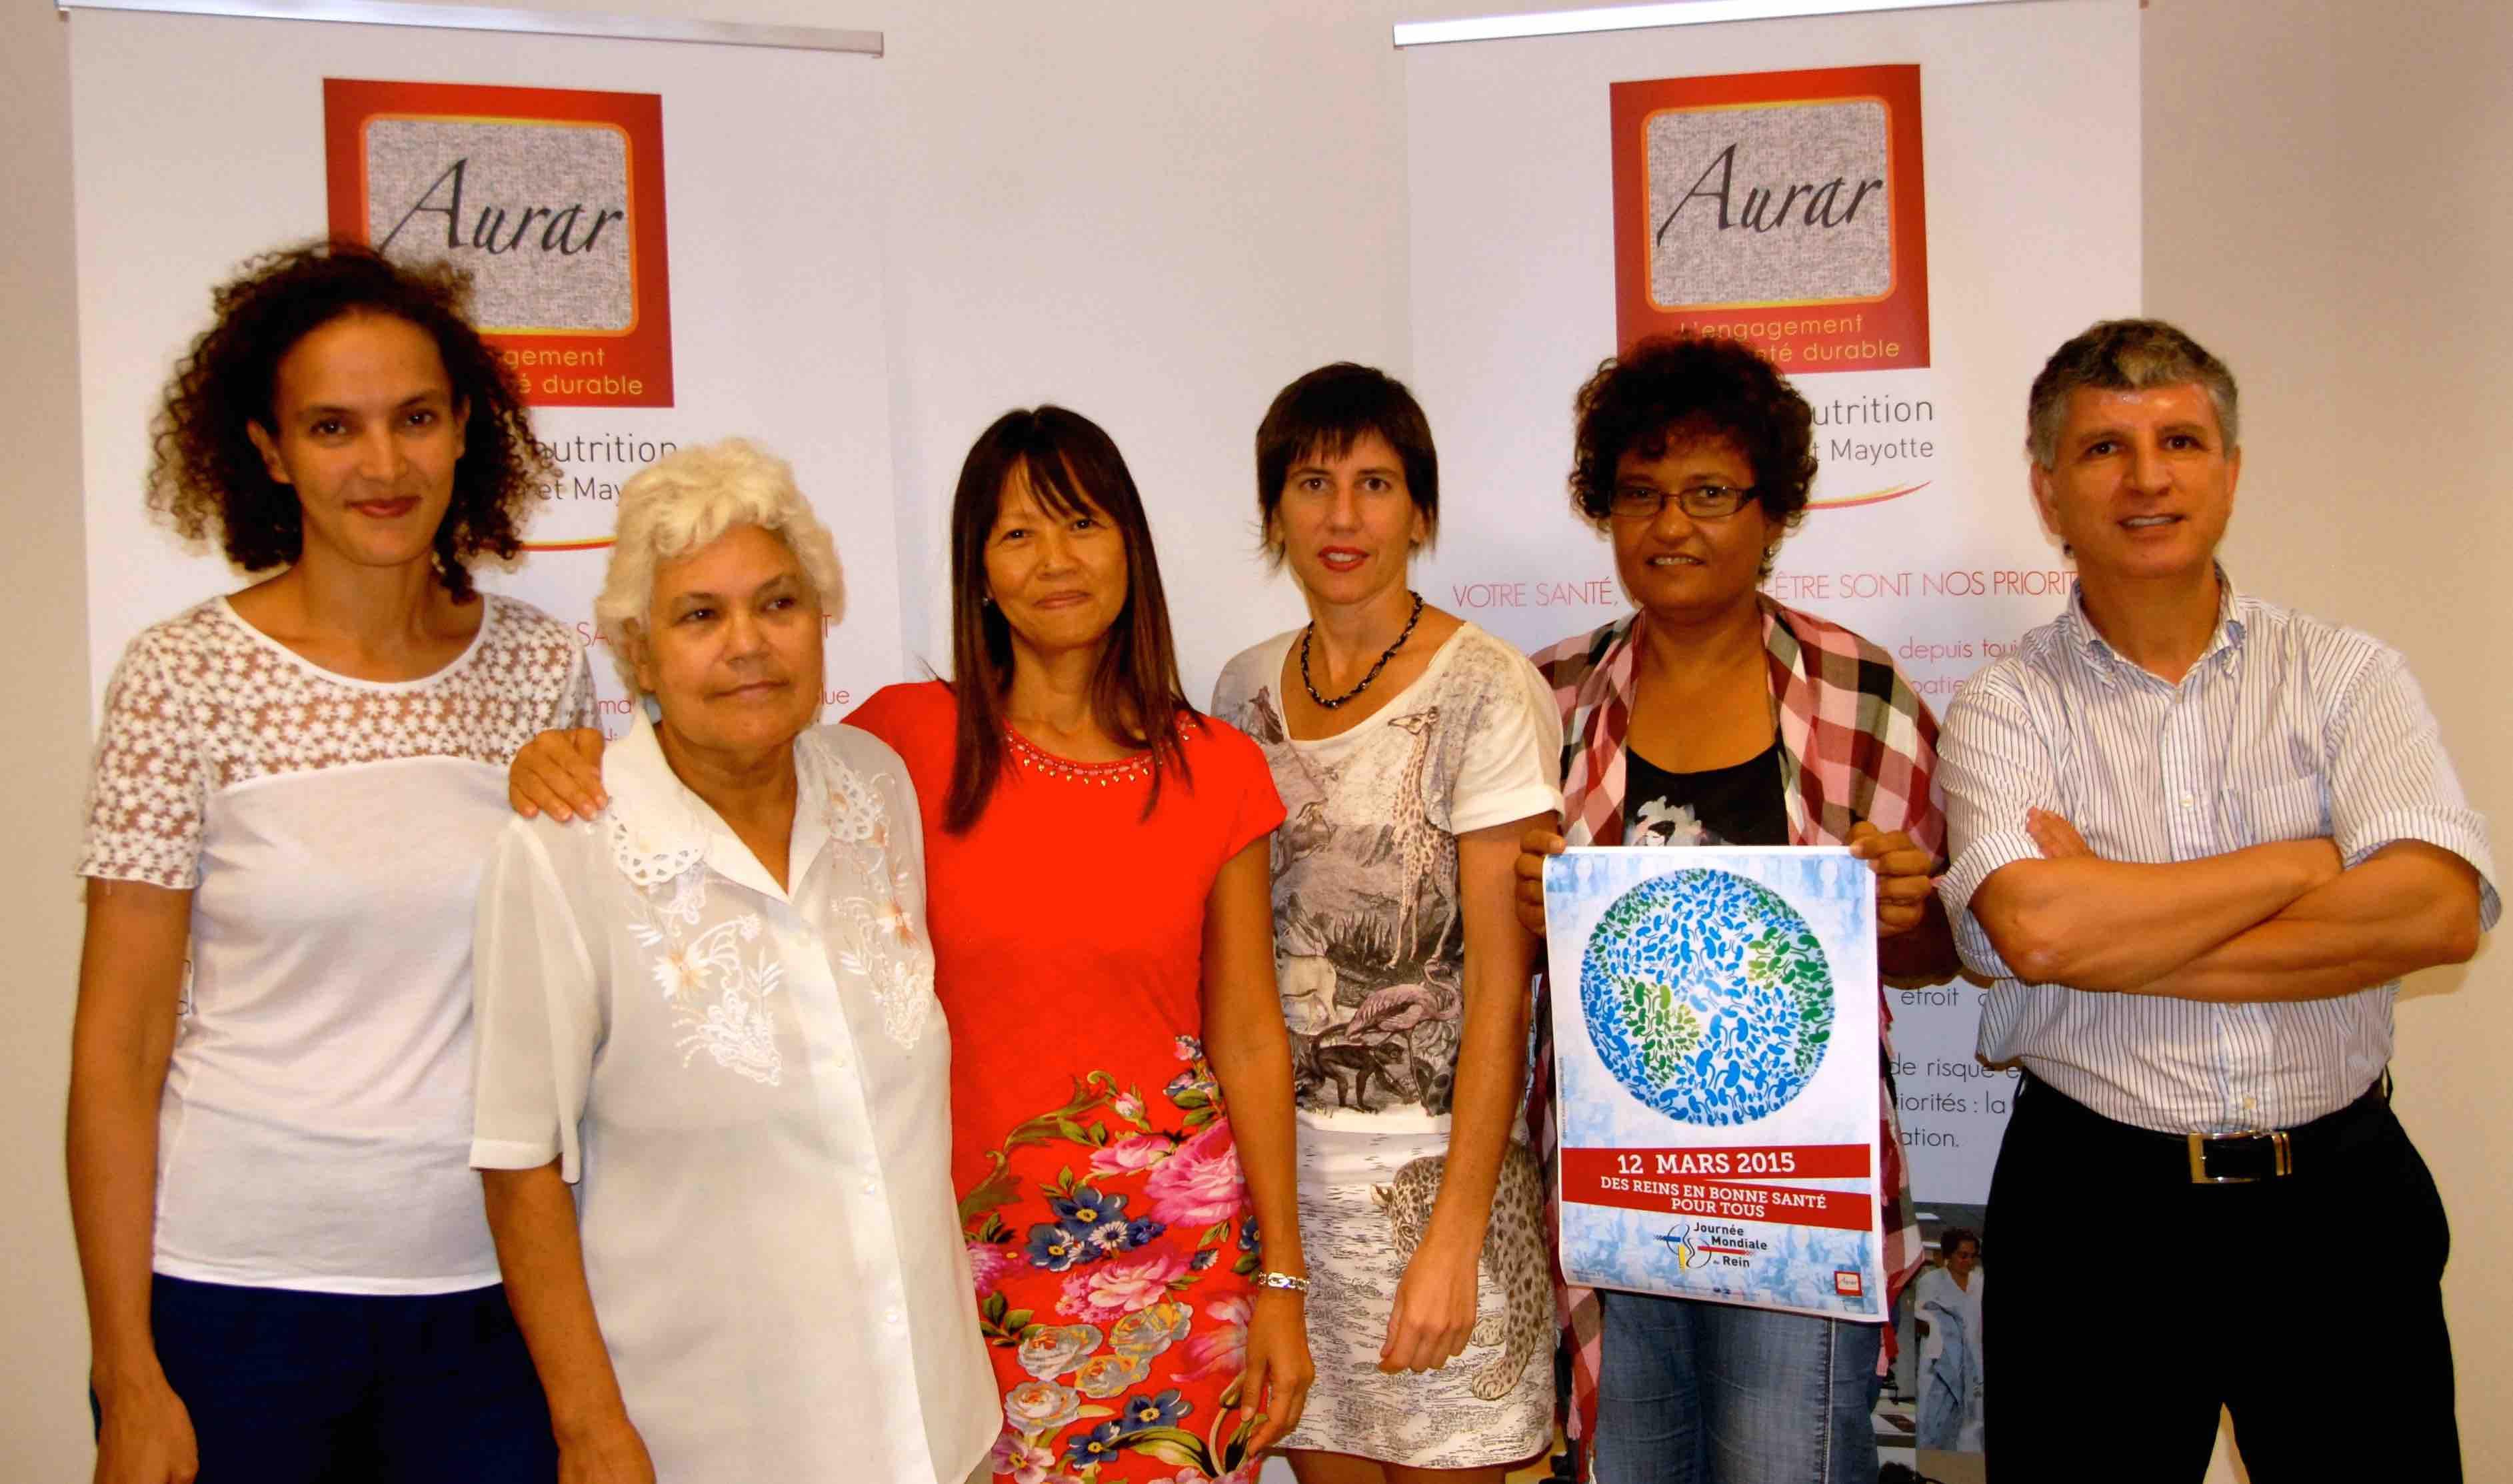 Marie-Rose WON FAH HIN, Présidente et Directrice Générale de l'Aurar entourée de NaimaNIAFI et Dr Anne-Hélène REBOUX deRéuCARE, Dr Amar AMAOUCHE, médecin à l'Aurar et deux patientes